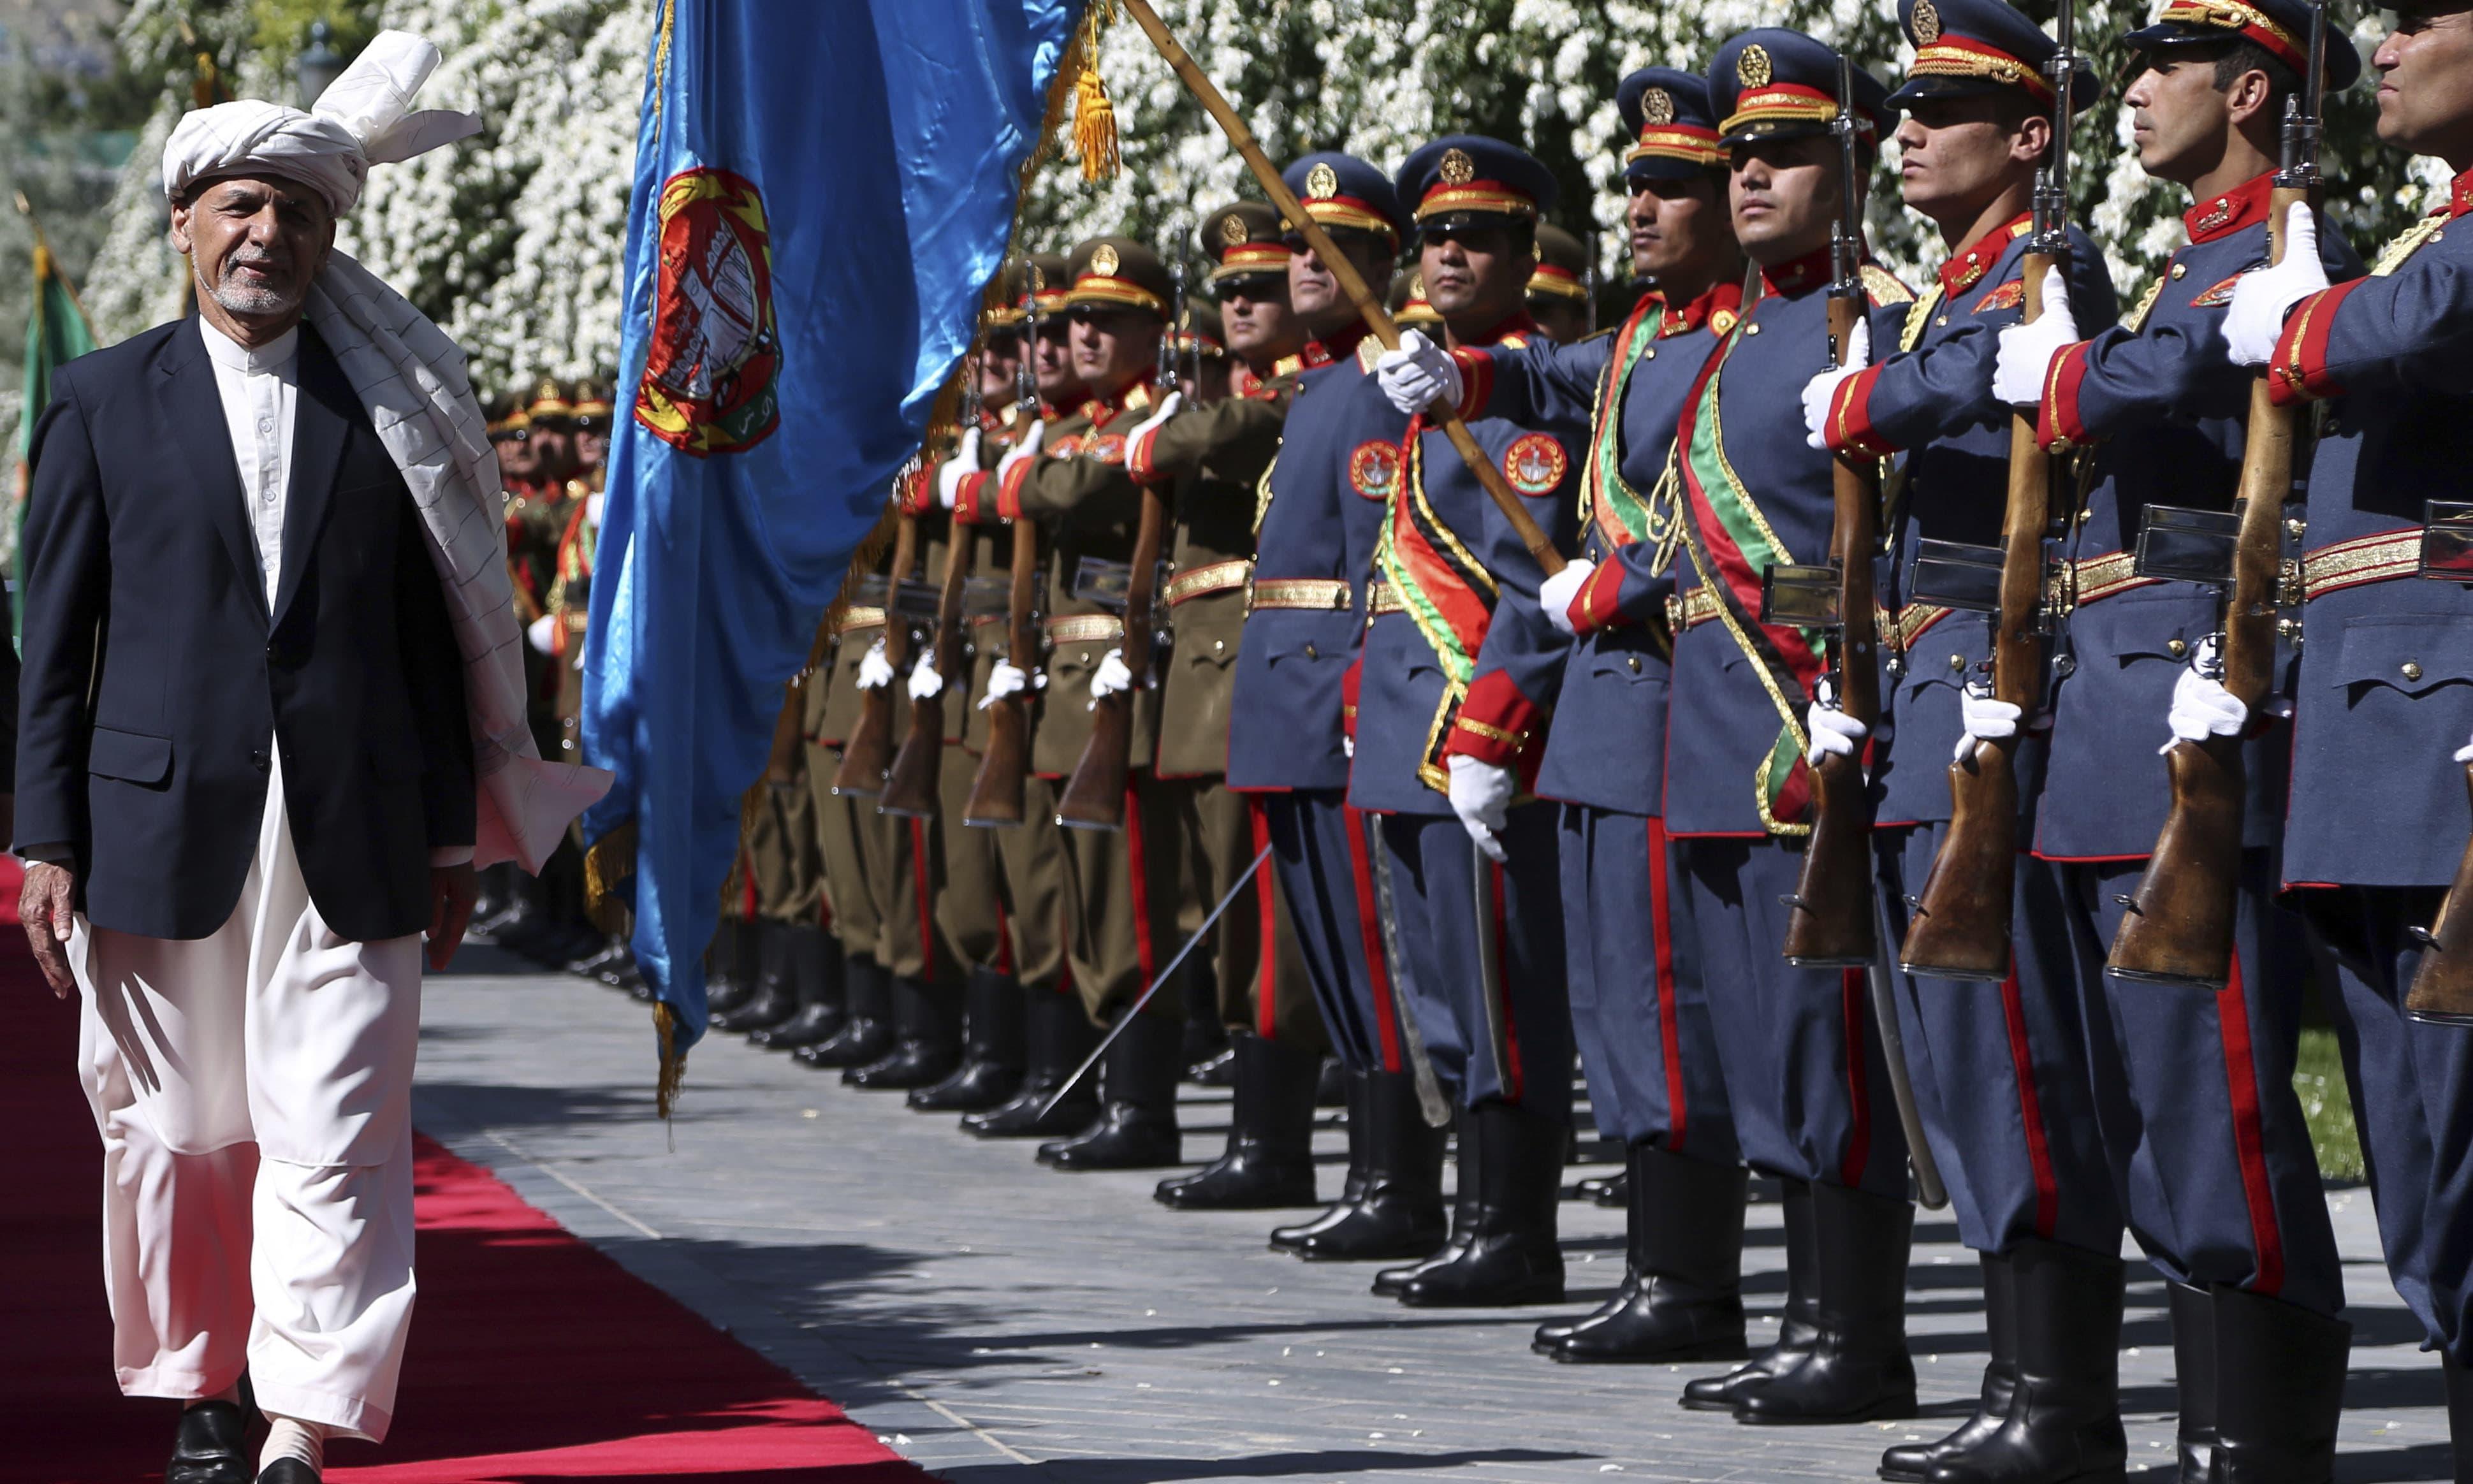 افغانستان کے صدر اشرف غنی عید کے موقع پر گارڈ آف ہانر کی تقریب کا حصہ بھی بنے —فوٹو/ اے پی